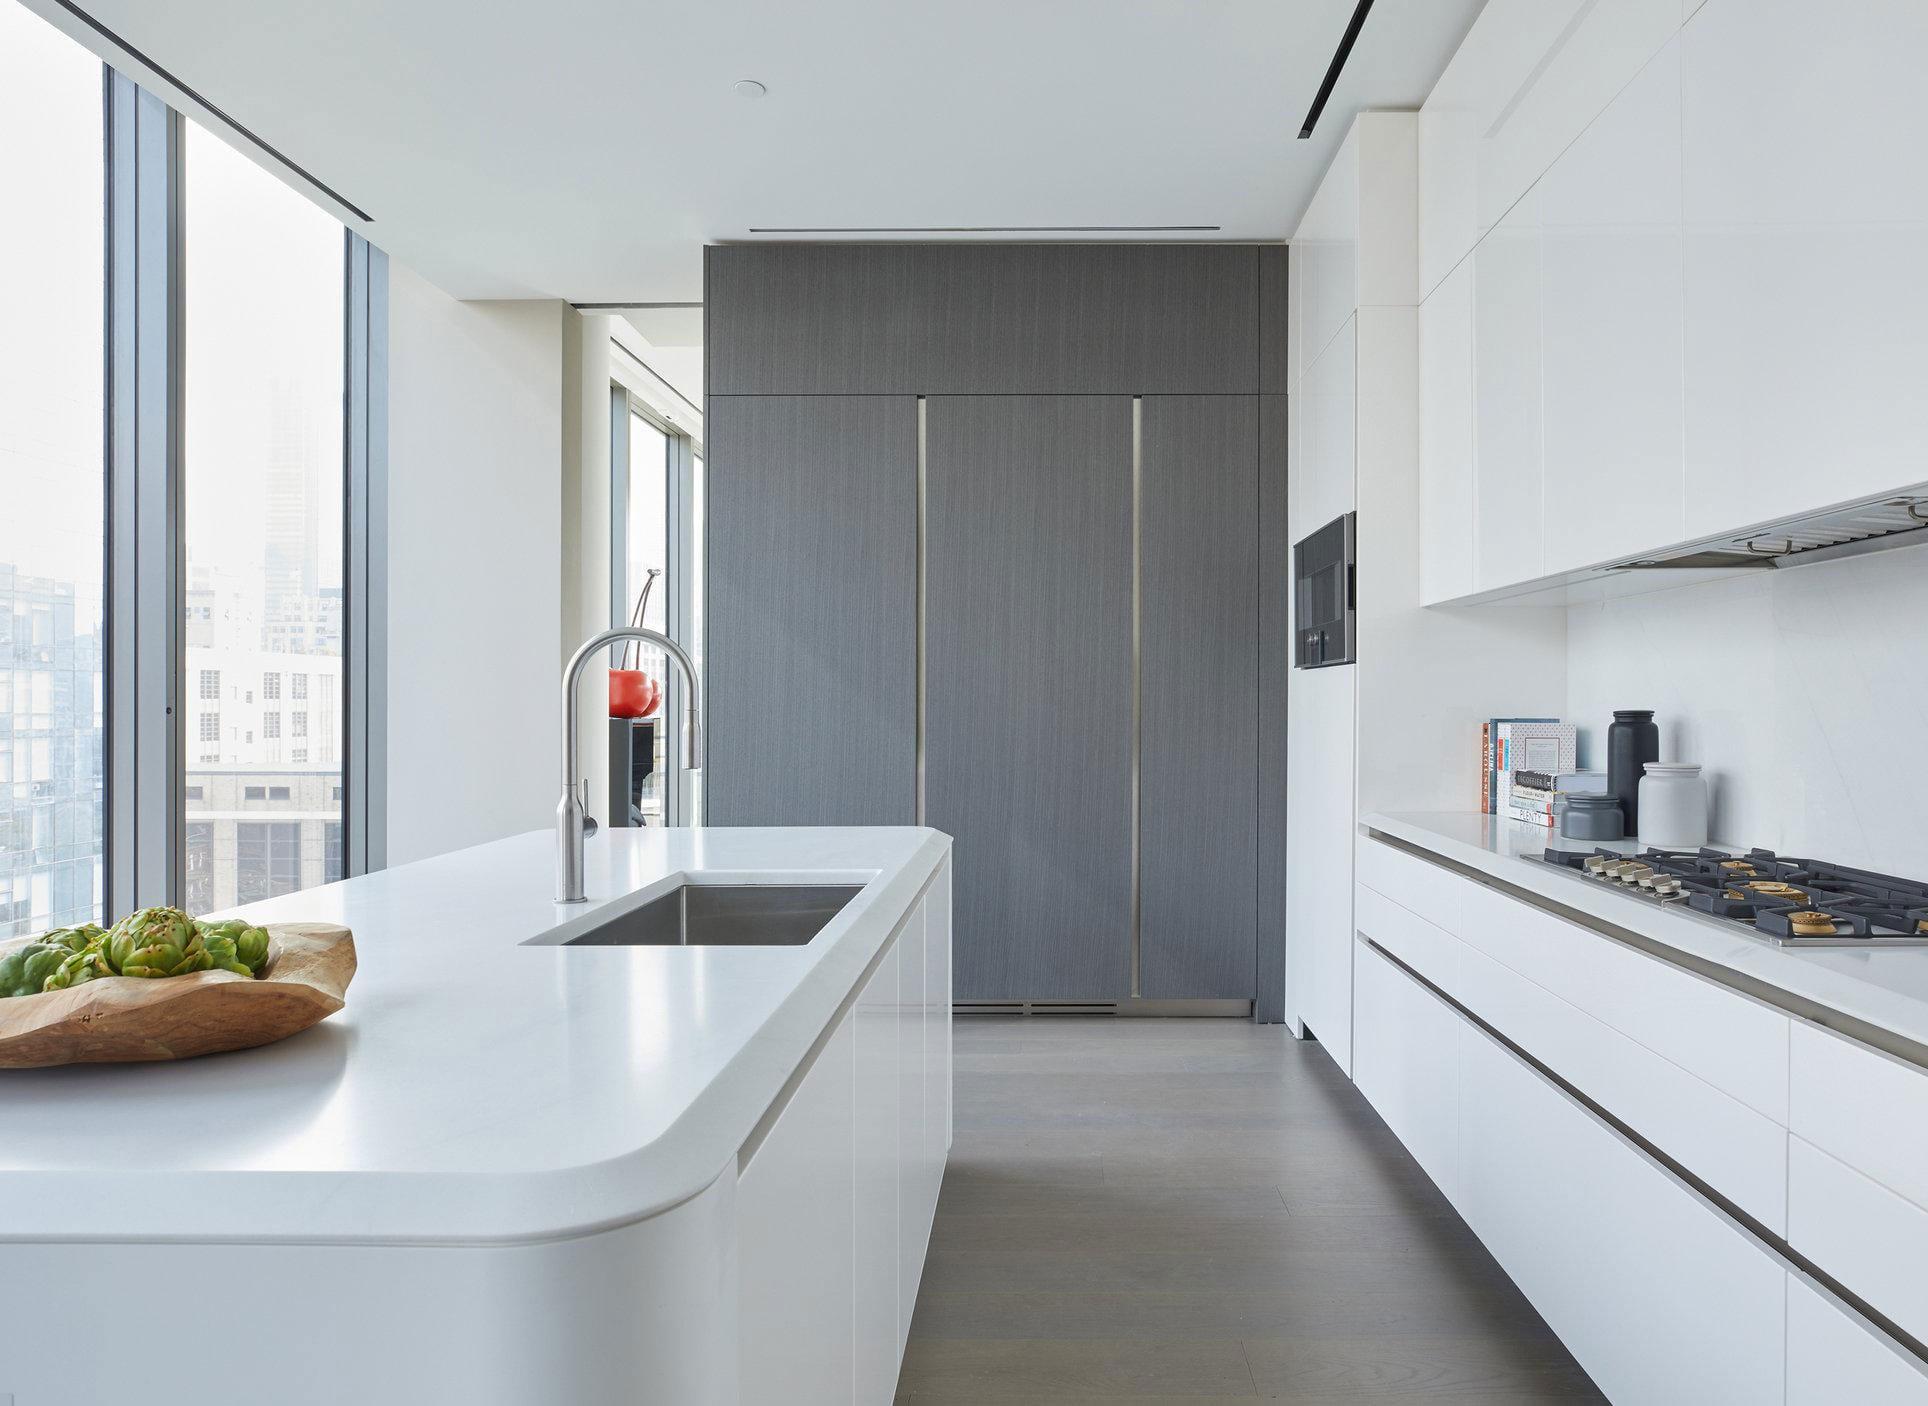 moderne einrichtung länglicher küche mit bodentiefen fenstern, weiße küchenschränken, corian-kücheninsel weiß